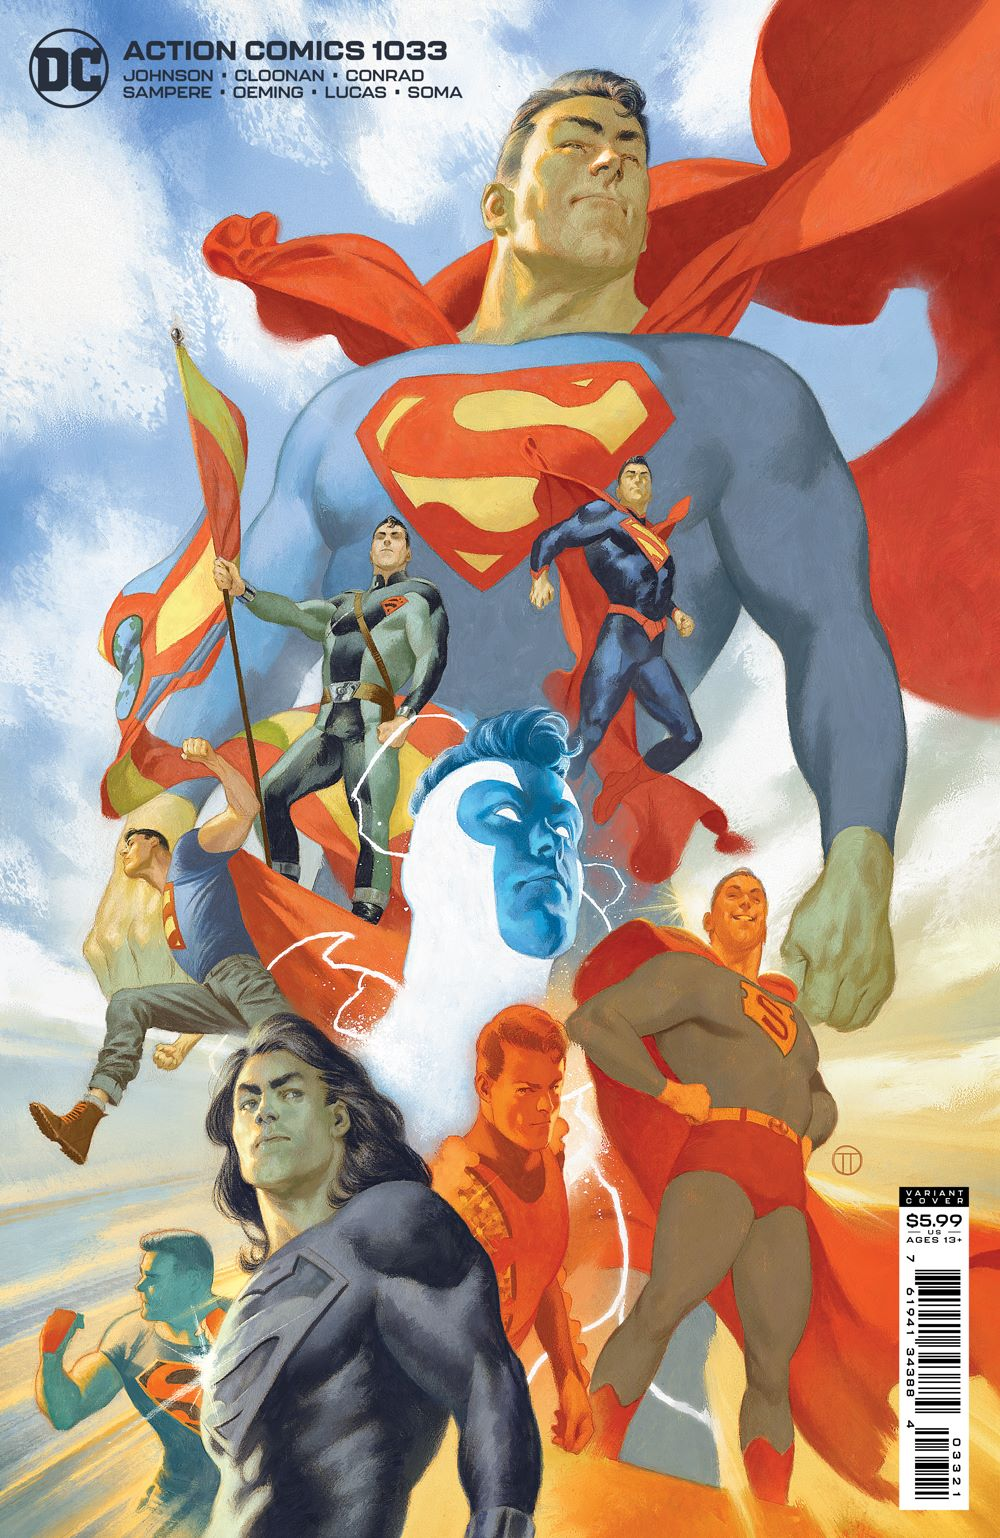 ACTIONCOMICS_Cv1033_var DC Comics July 2021 Solicitations